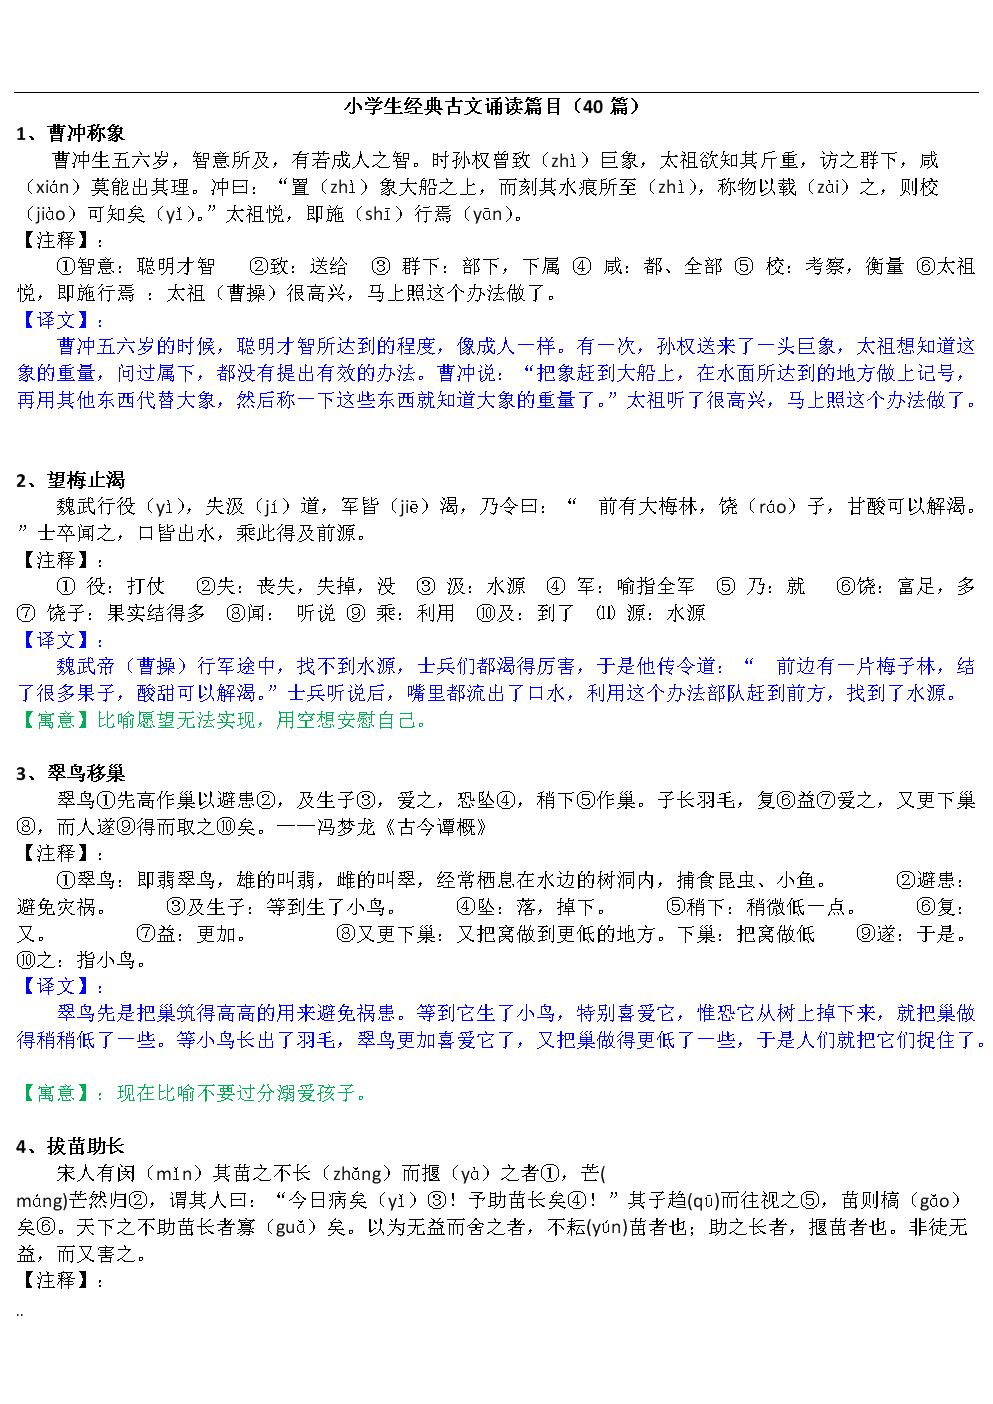 小学生篇目经典诵读古文(40篇).docx码必修课解压小学生图片